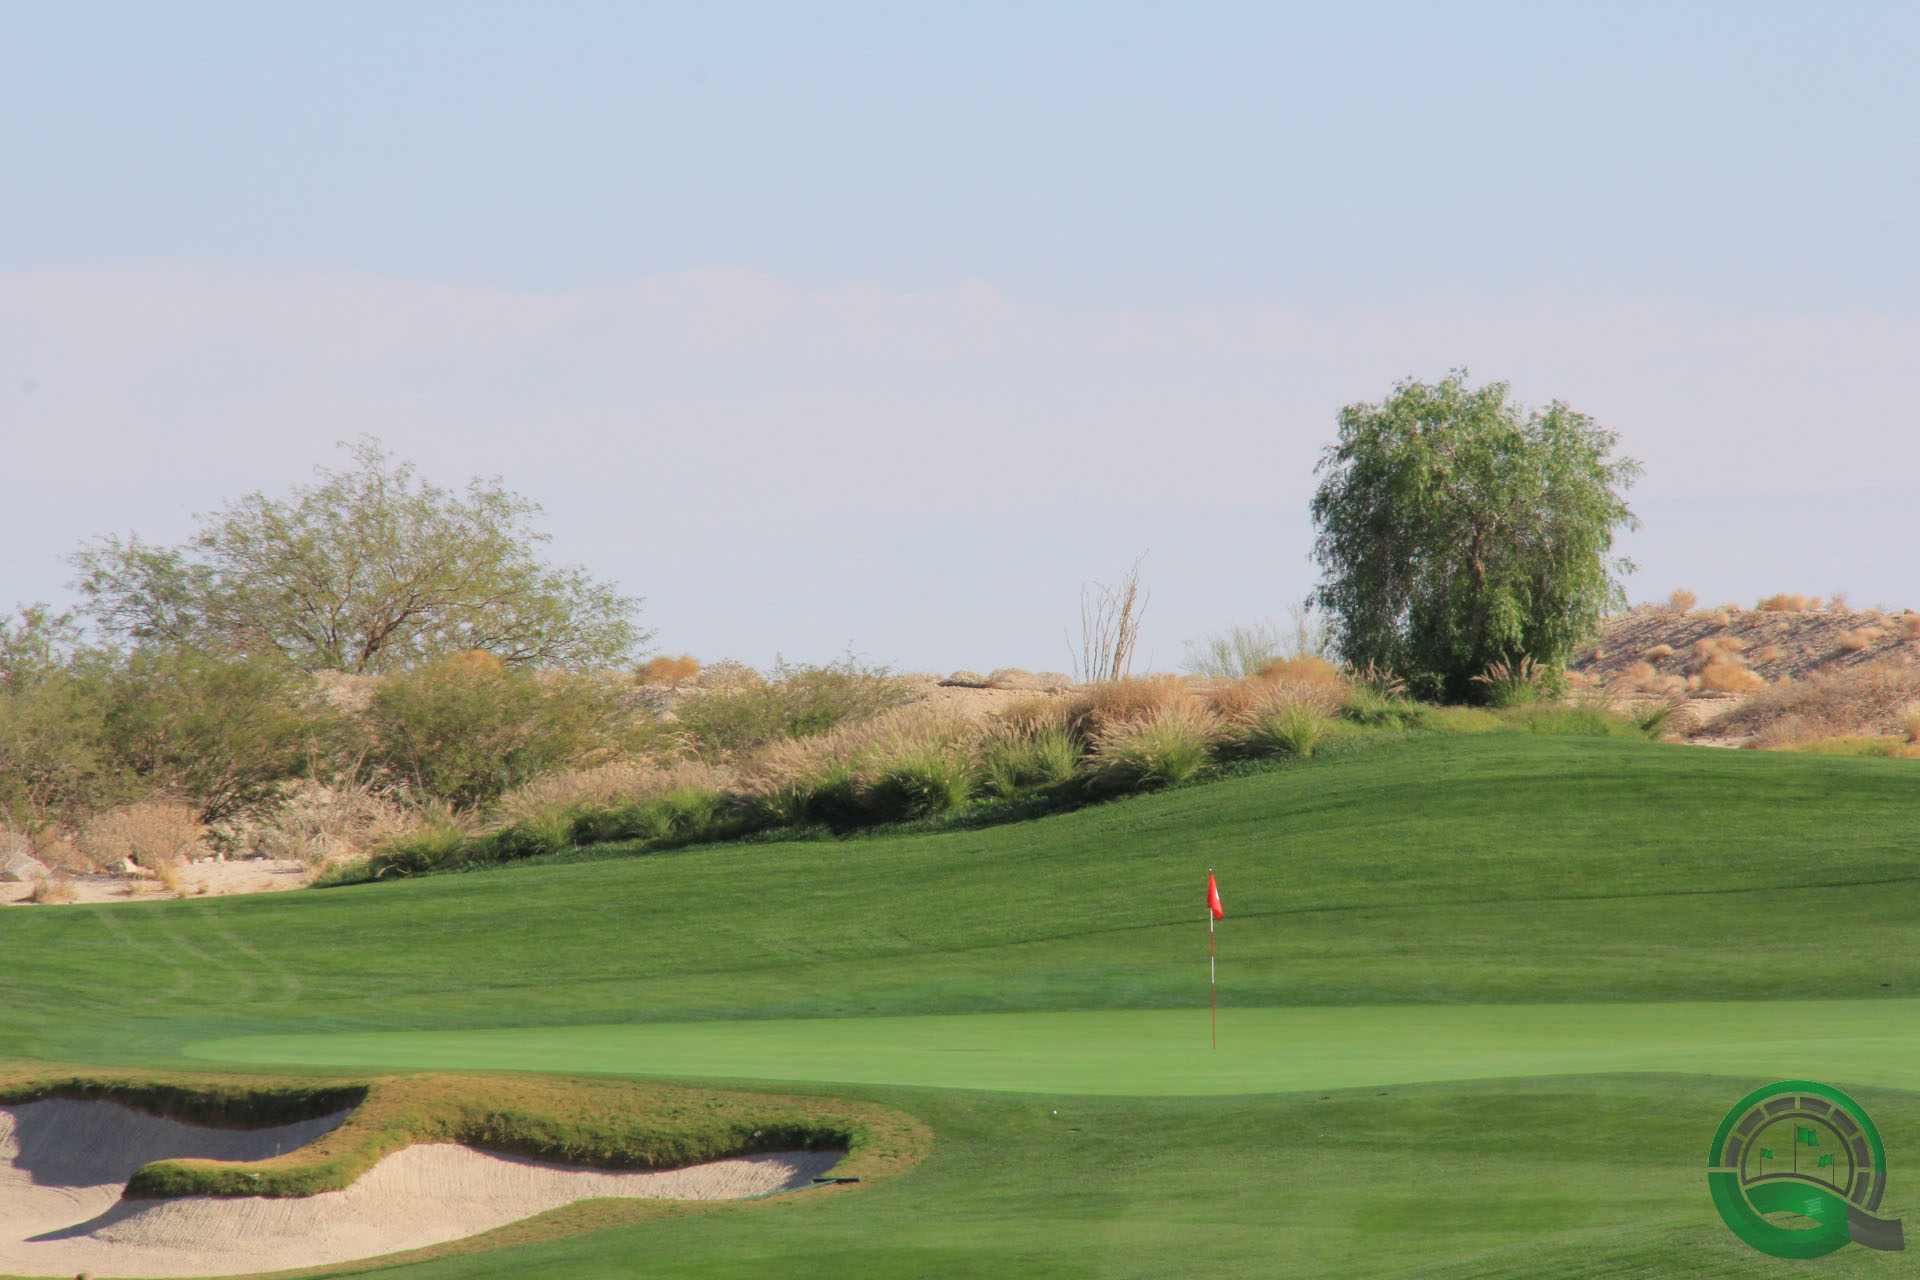 Rams Hill Golf Club Hole 8 Greenside